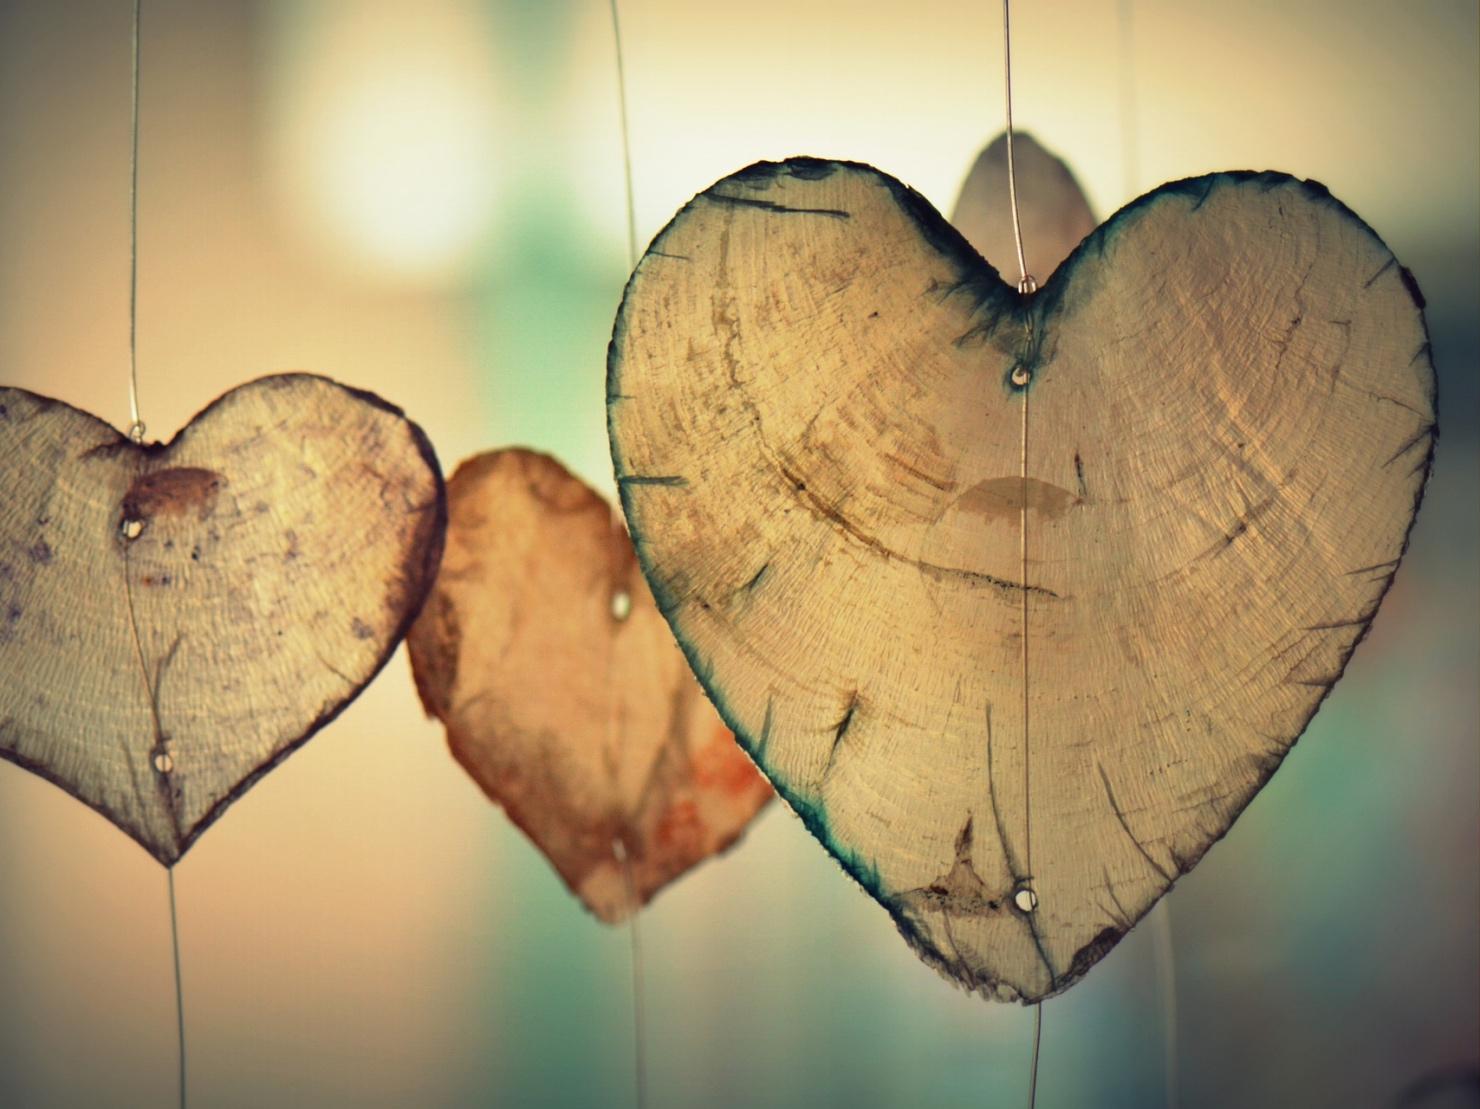 愛を感じさせる写真